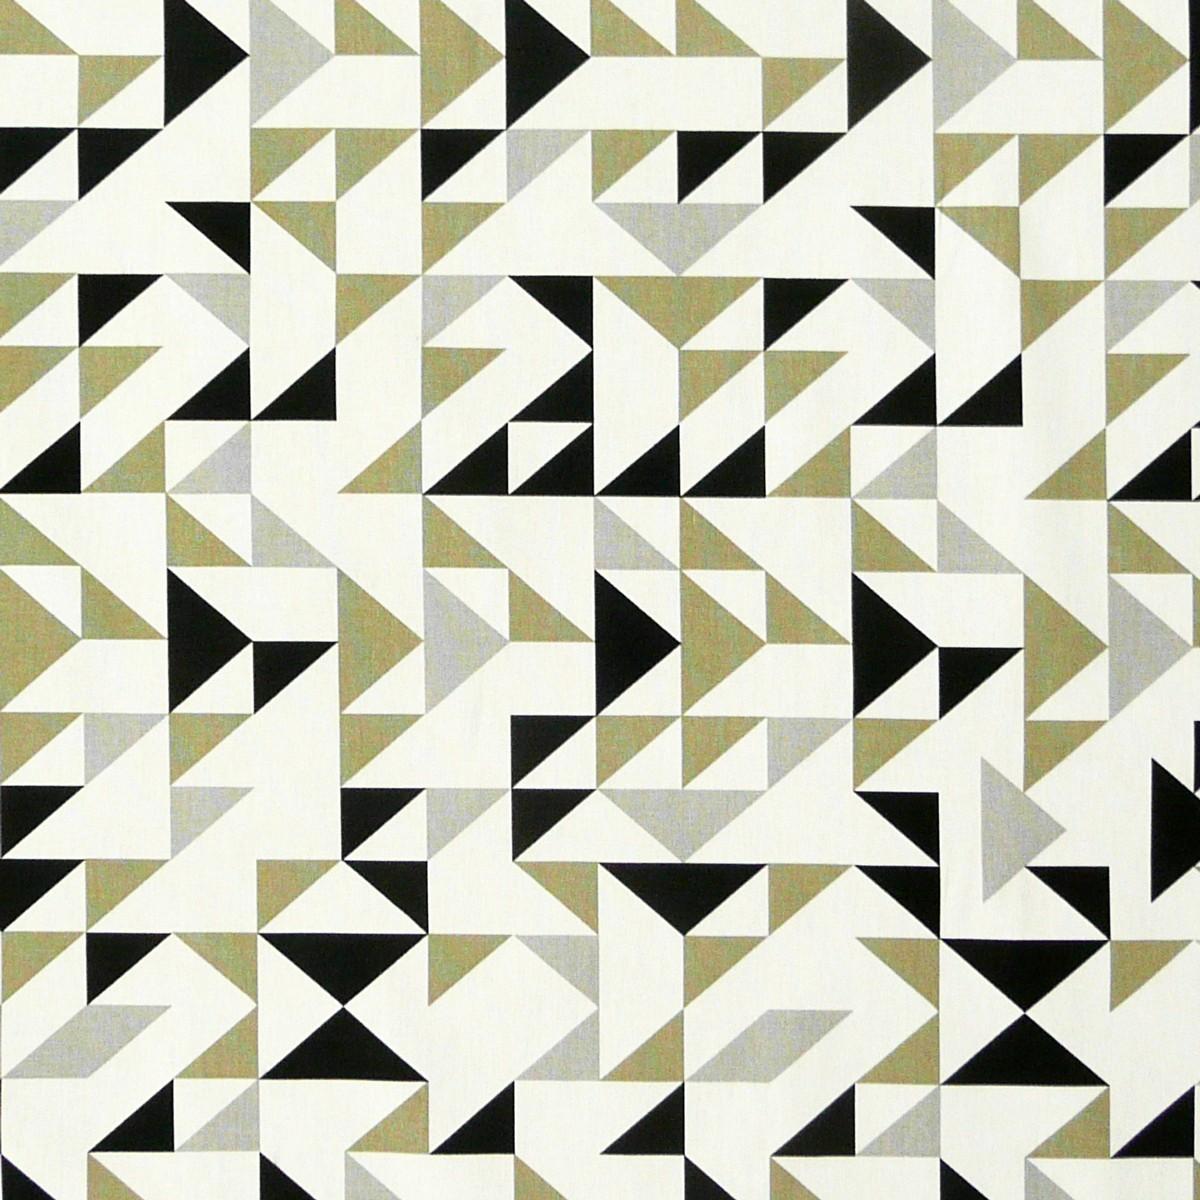 sch ner leben kissenh lle dreiecke wei grau khaki schwarz 30x50cm inspirationen stilwelten. Black Bedroom Furniture Sets. Home Design Ideas